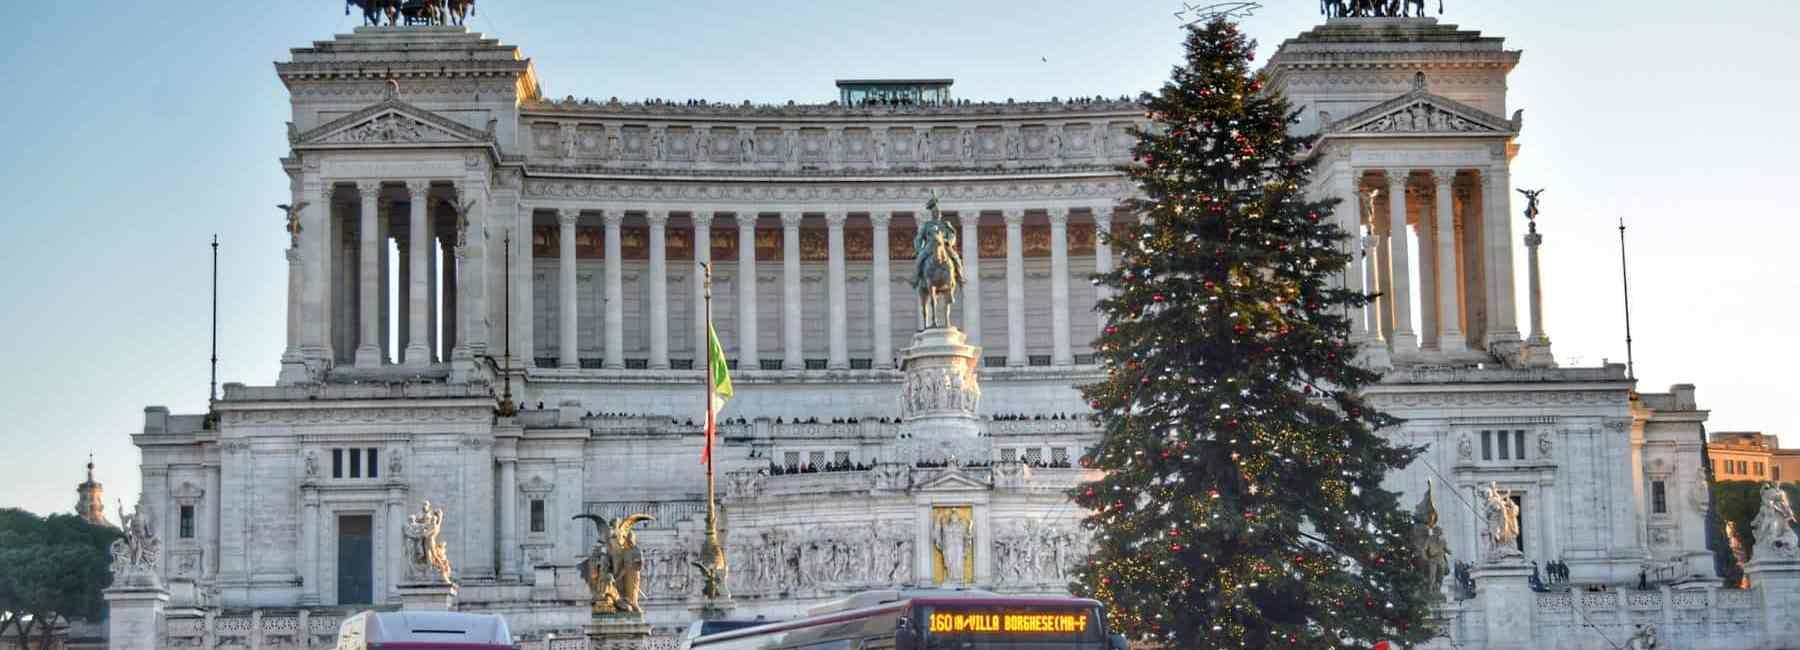 00 piazza venezia dezember vatikan rom italien